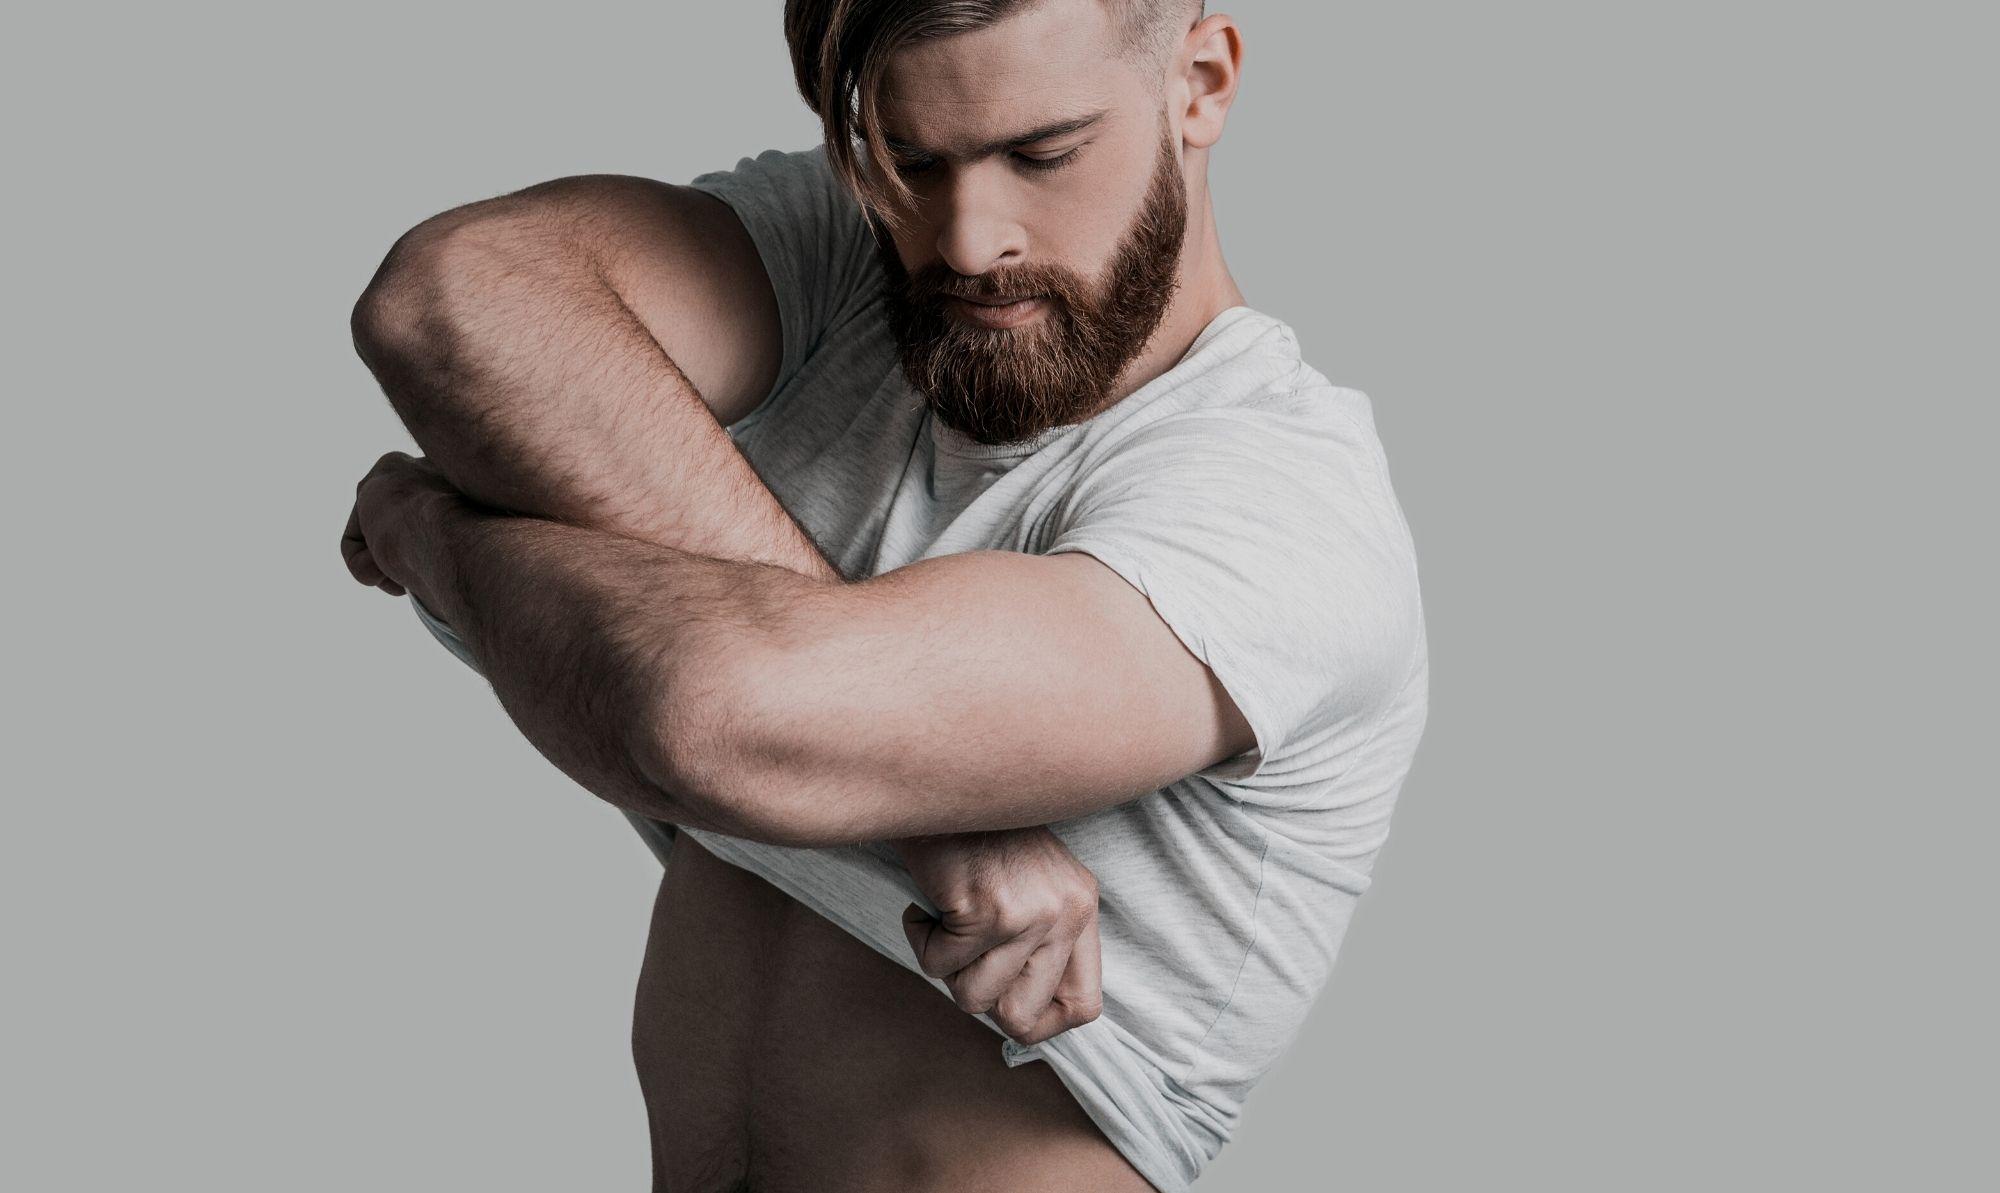 Homem No Espelho - Como se preparar para tirar a roupa num encontro